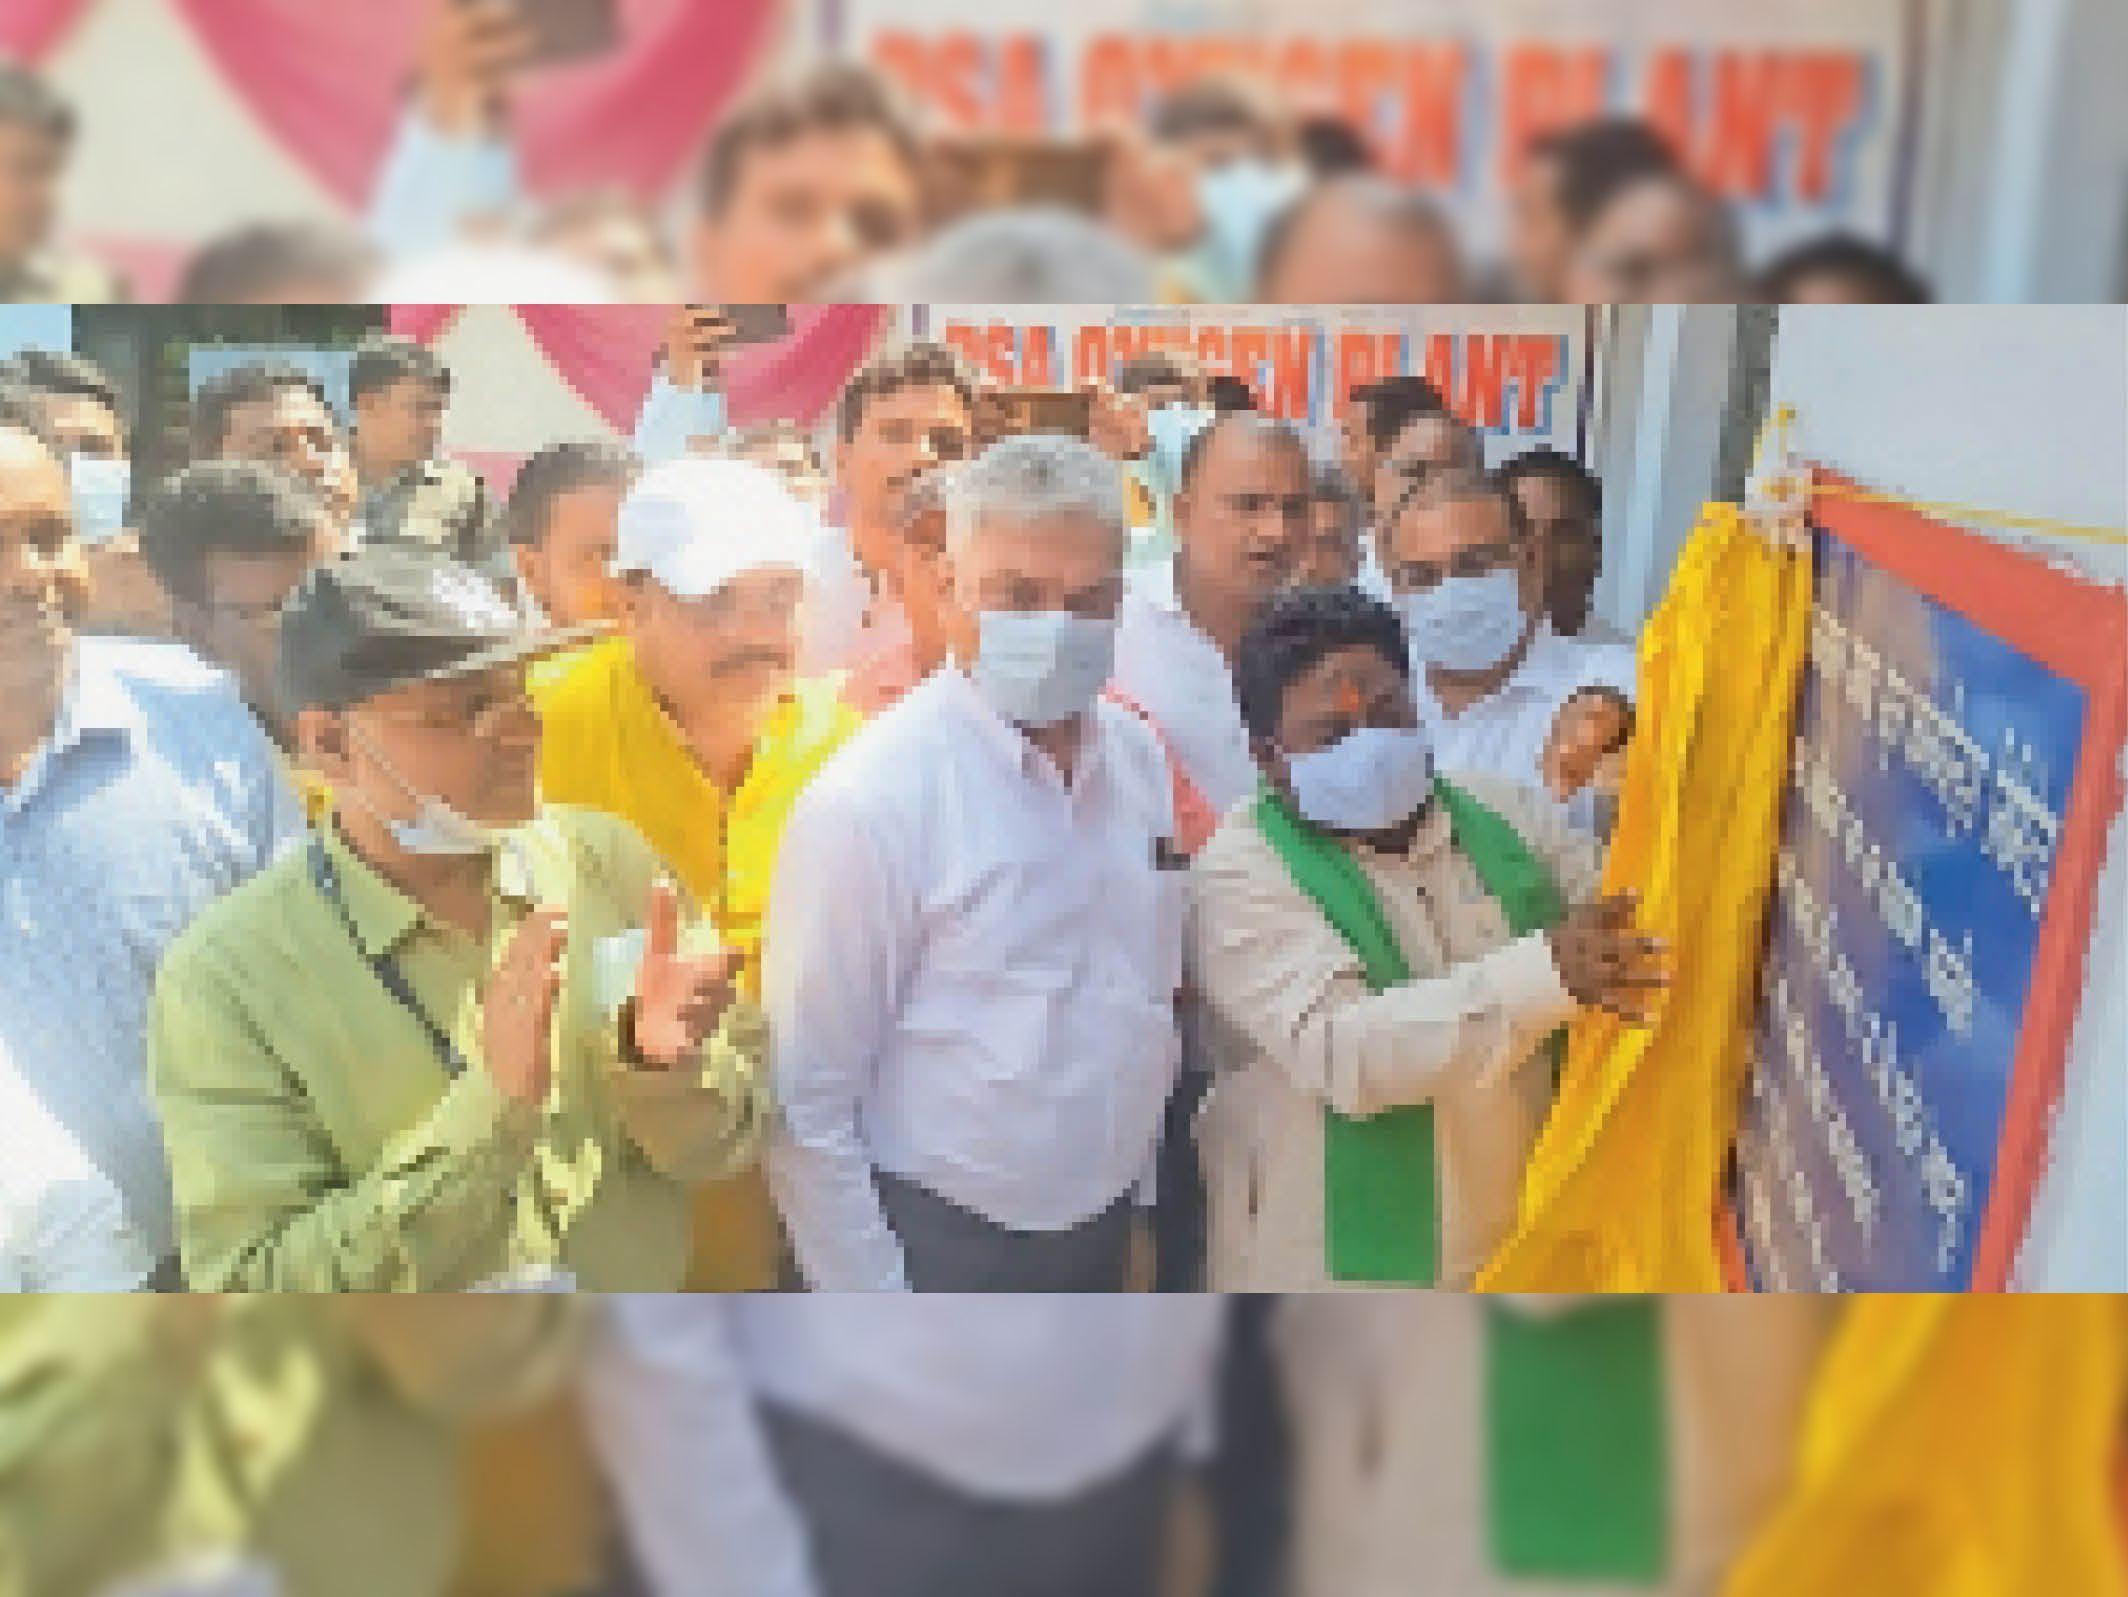 शिलापट्ट का अनावरण कर ऑक्सीजन प्लांट का उद्घाटन करते मांडू विधायक जयप्रकाश भाई पटेल और अन्य। - Dainik Bhaskar